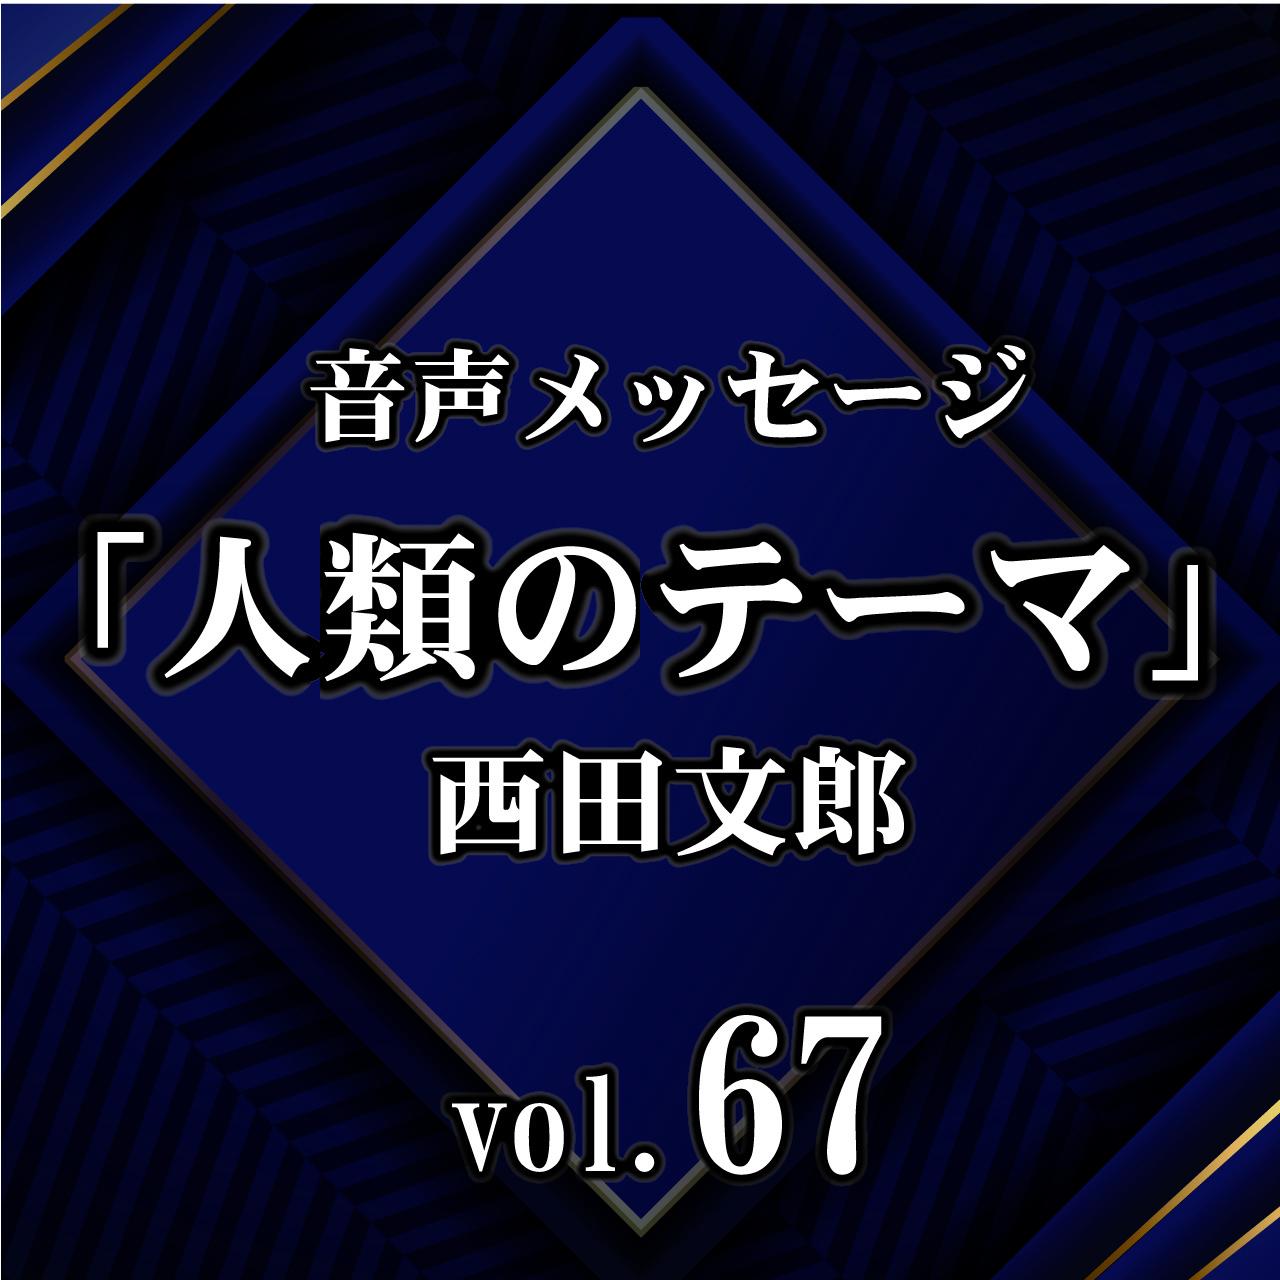 西田文郎 音声メッセージvol.67『人類のテーマ』